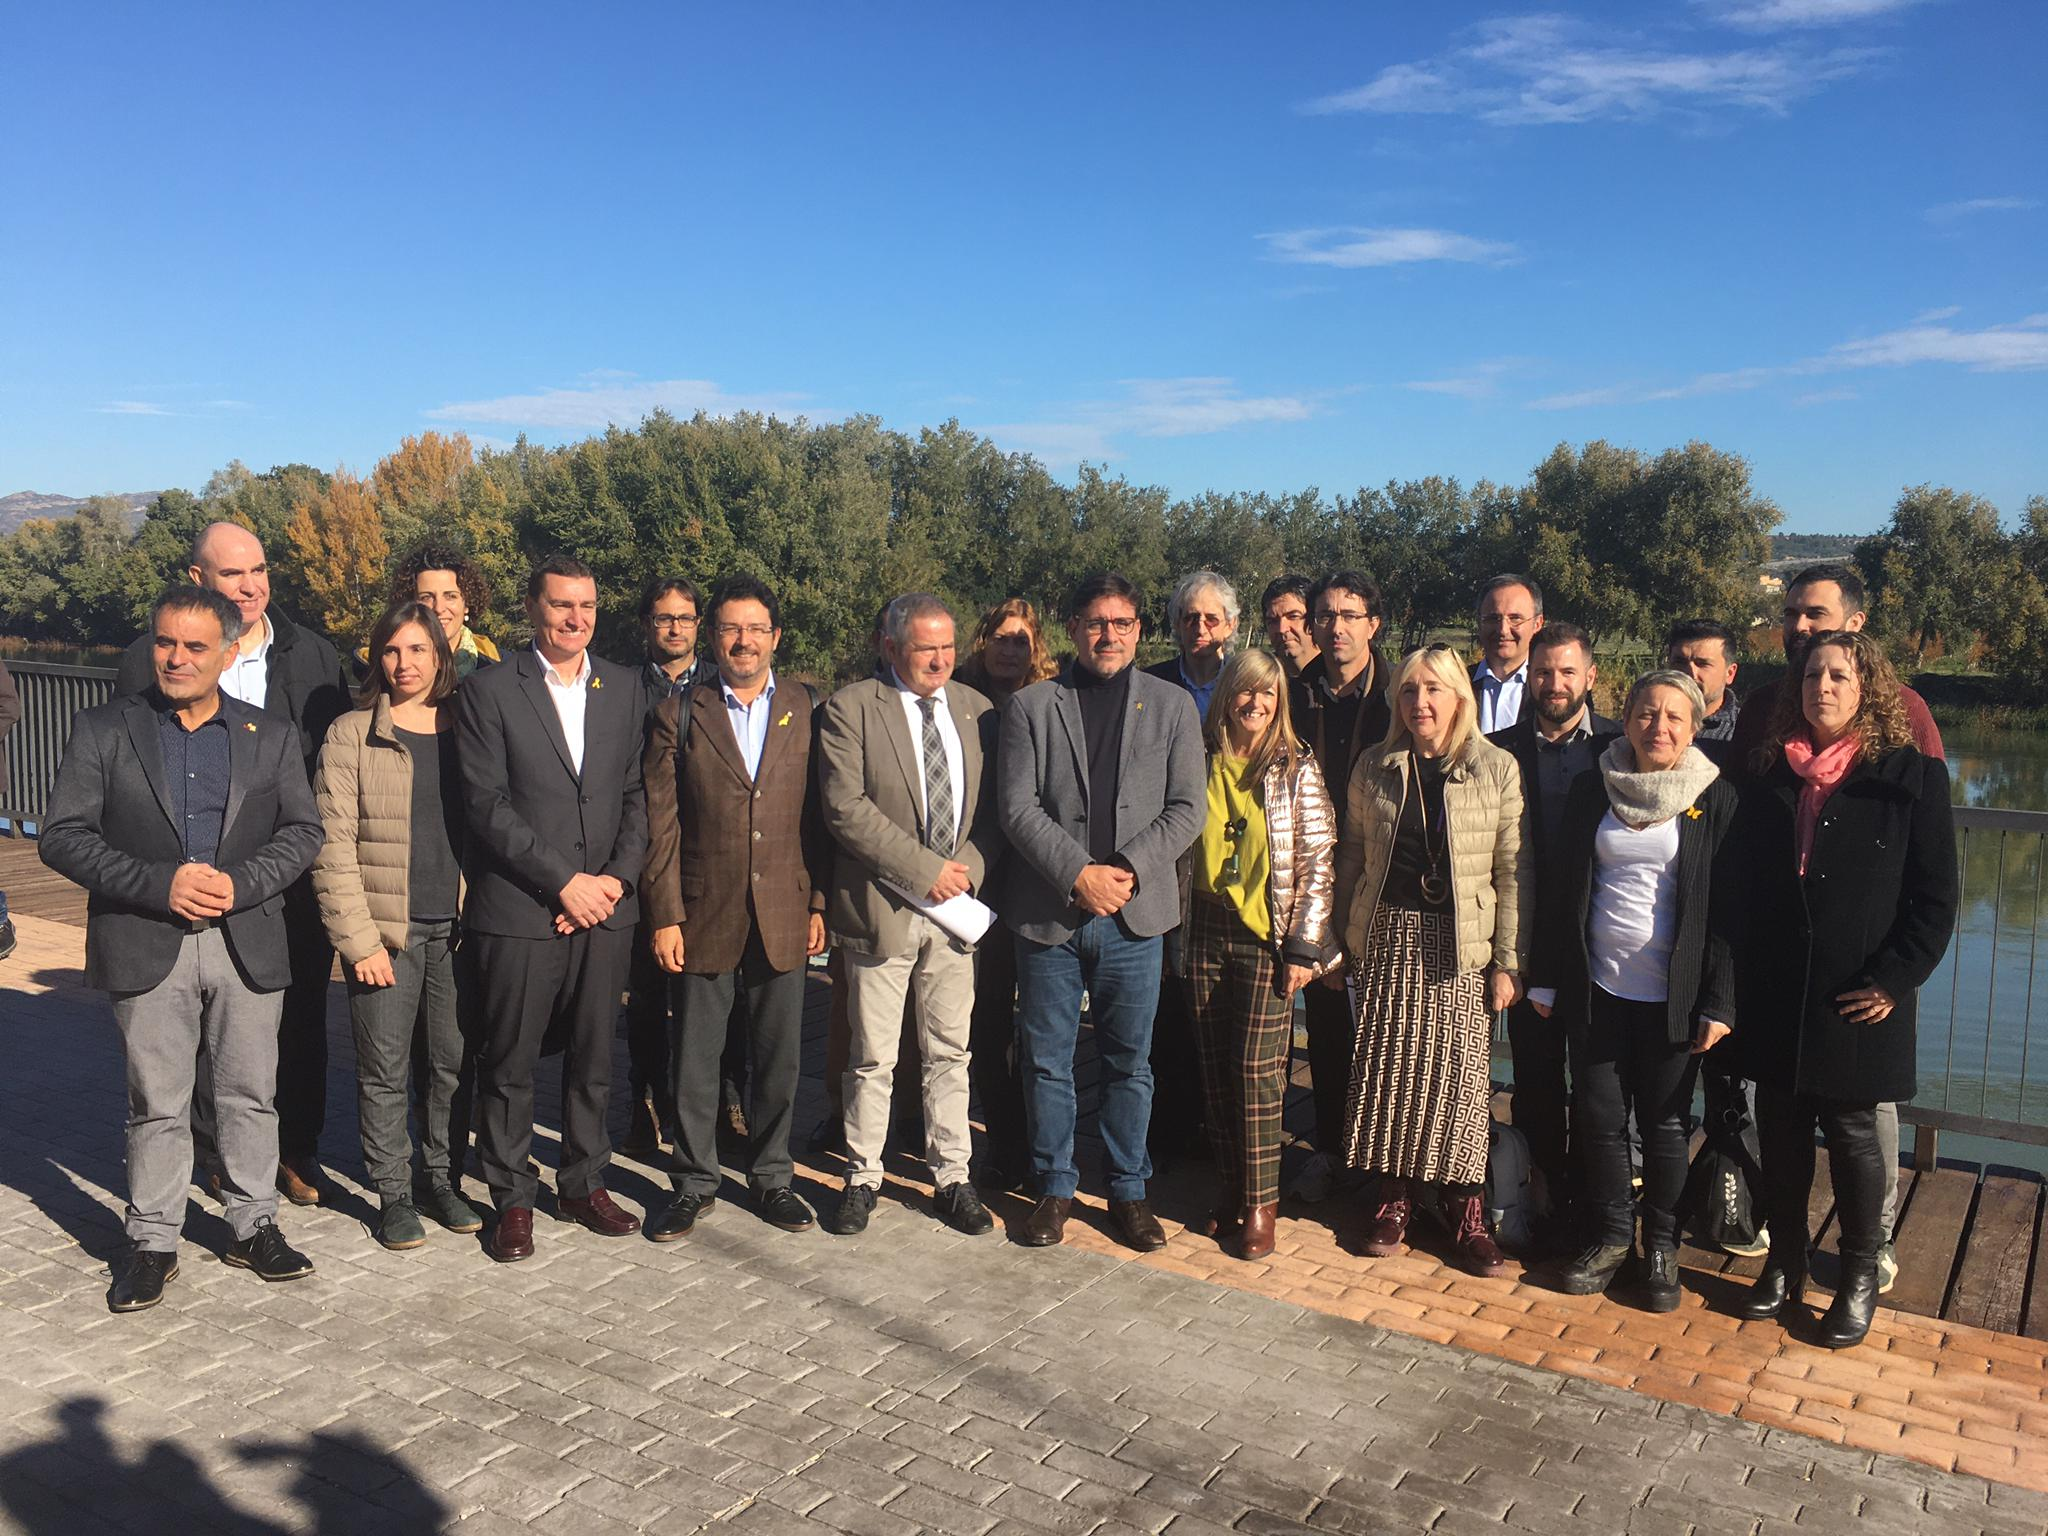 El govern constitueix la Comissió Territorial per a  l'estratègia de dinamització socioeconòmica 'Un país d'oportunitats, un país viu' a la Ribera d'Ebre